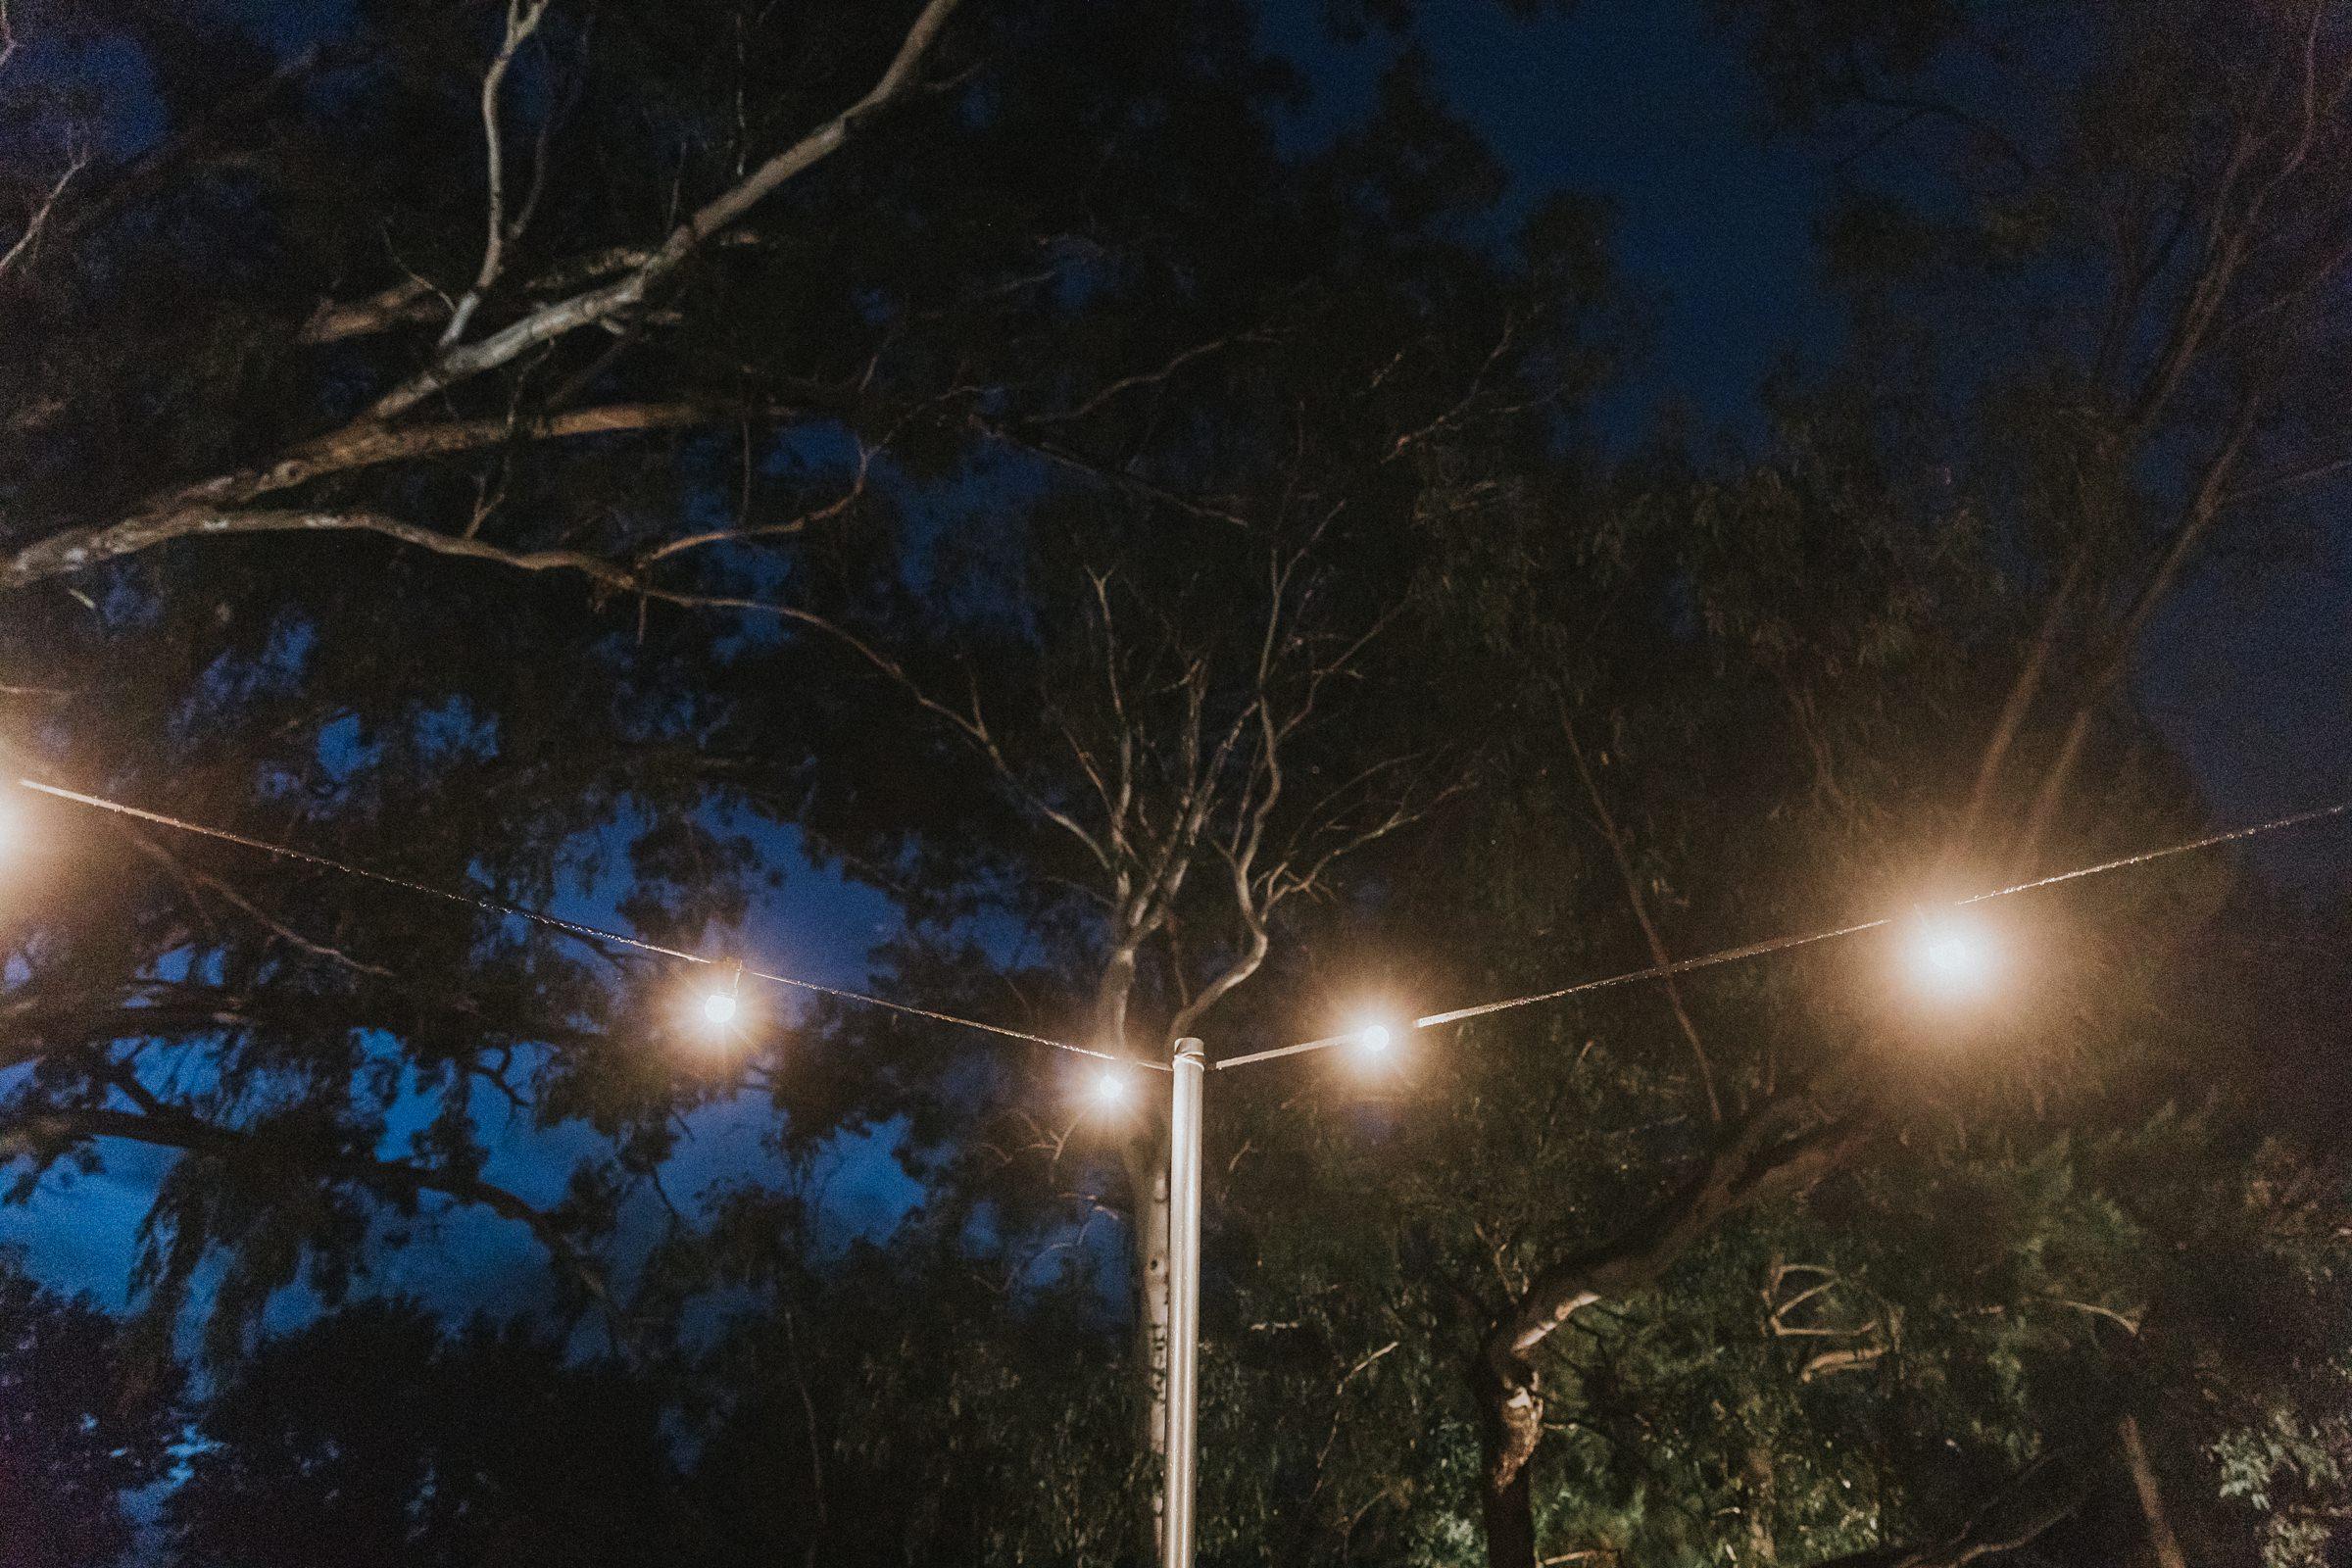 festoon lighting at nimfo fork lodge